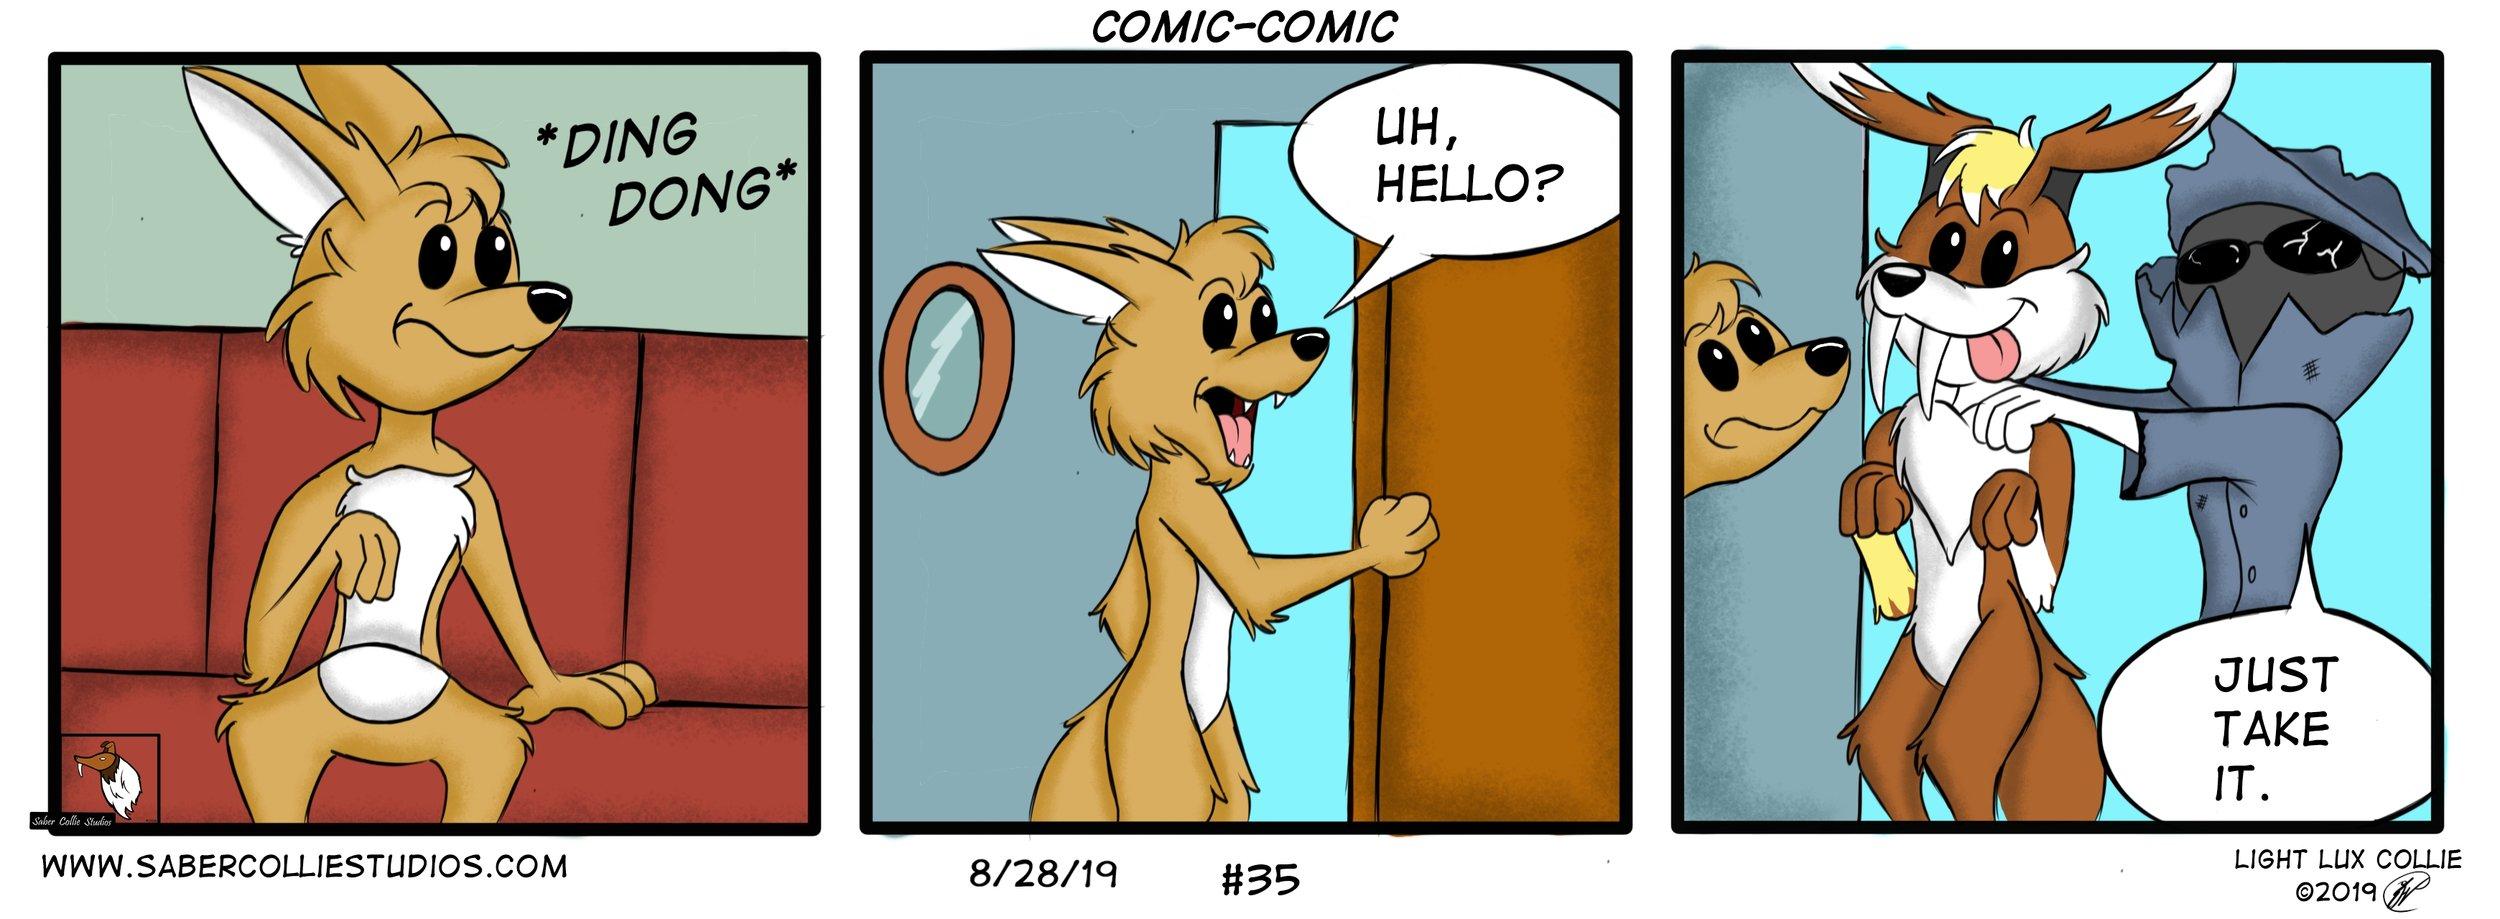 Comic Comic 8 28 19 .jpg